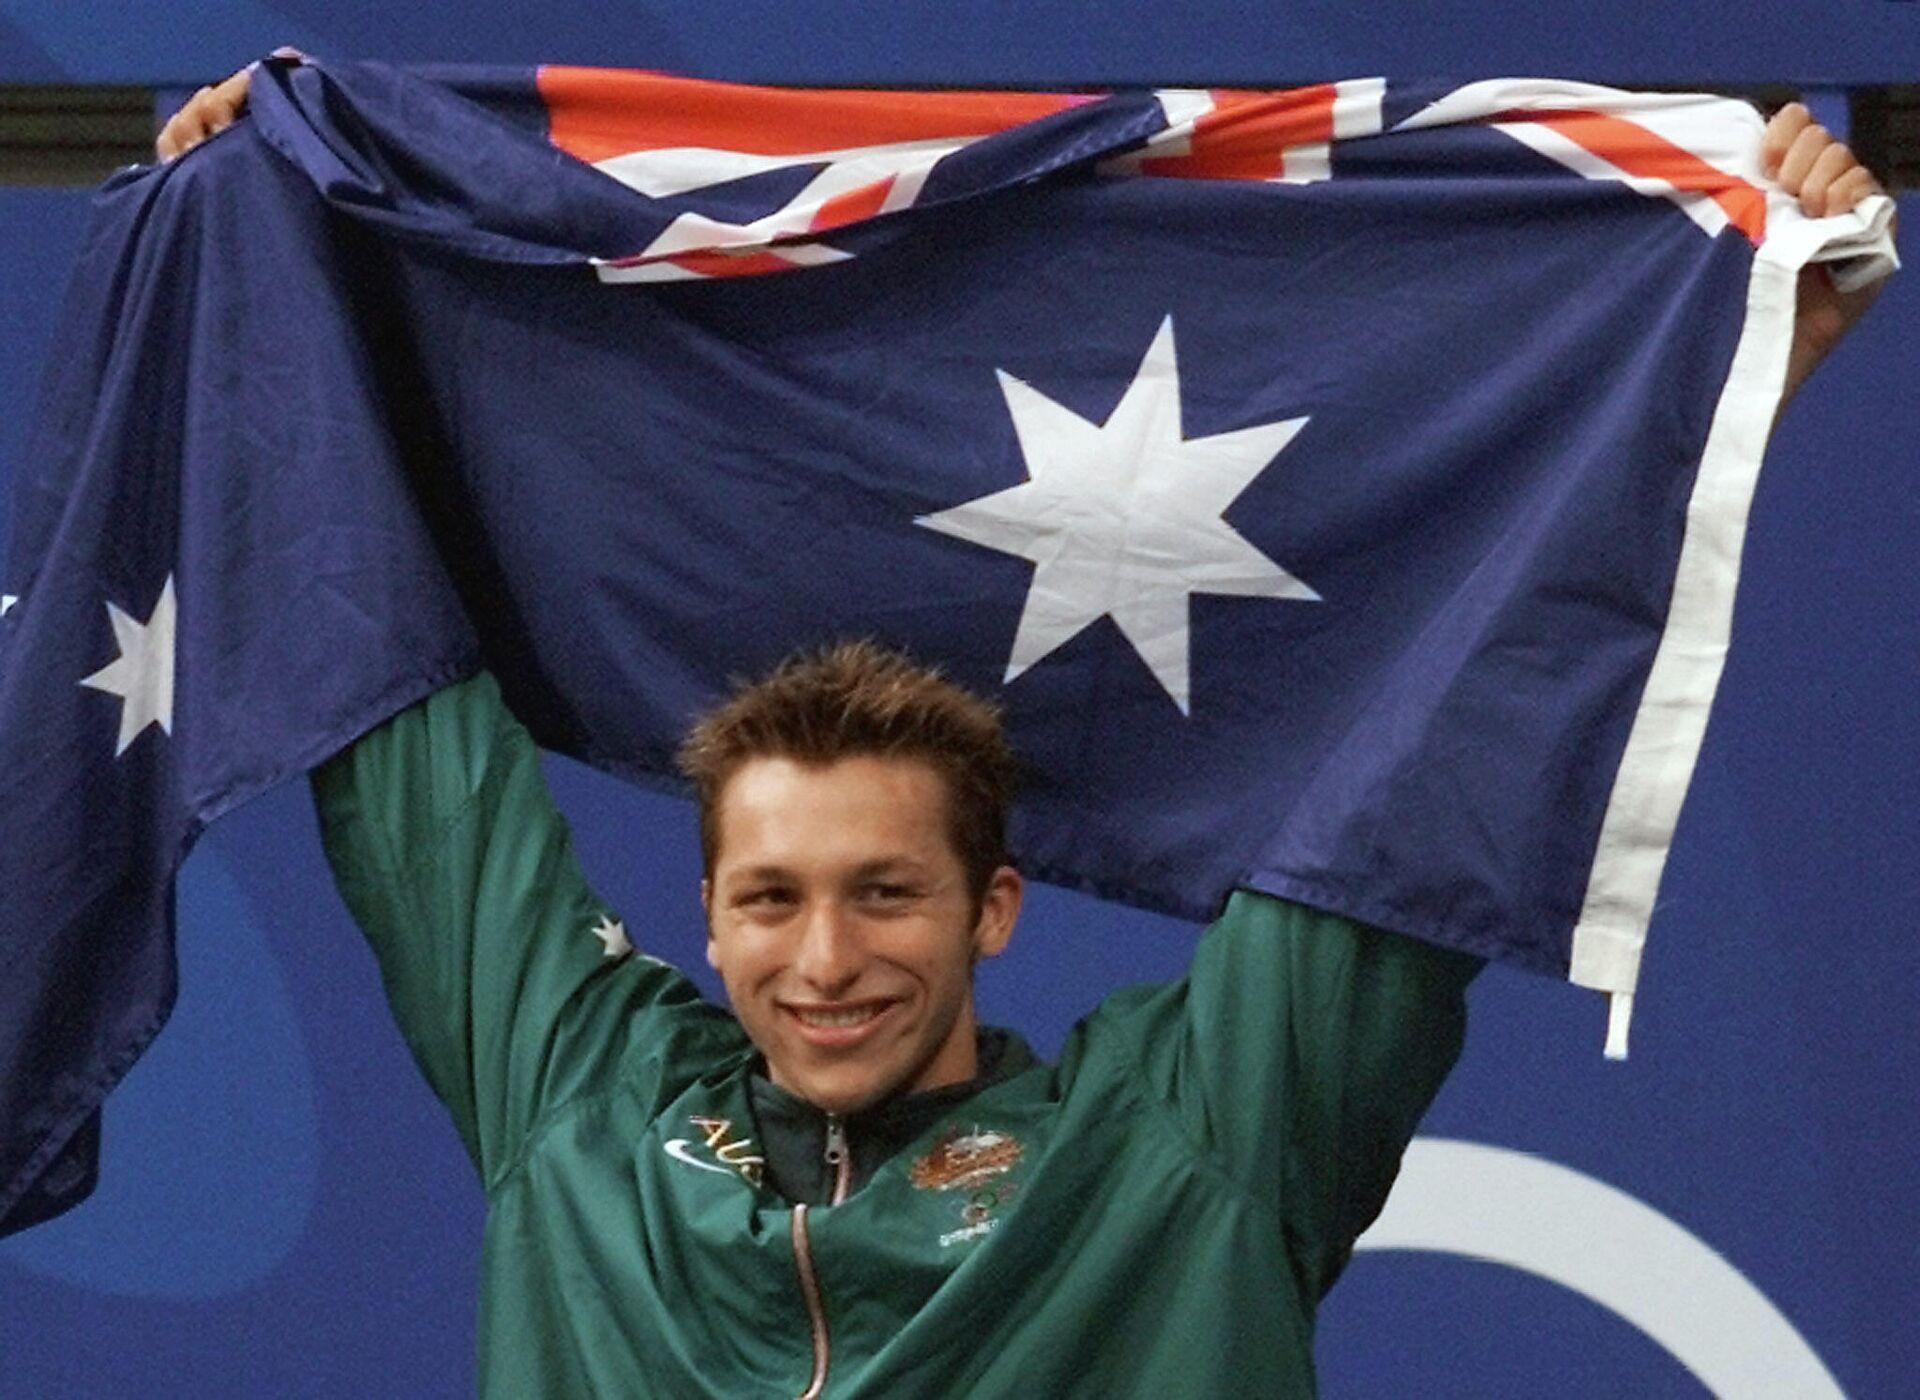 Австралийский пловец Ян Торп на Олимпиаде 2000 года в Сиднее - РИА Новости, 1920, 03.08.2021